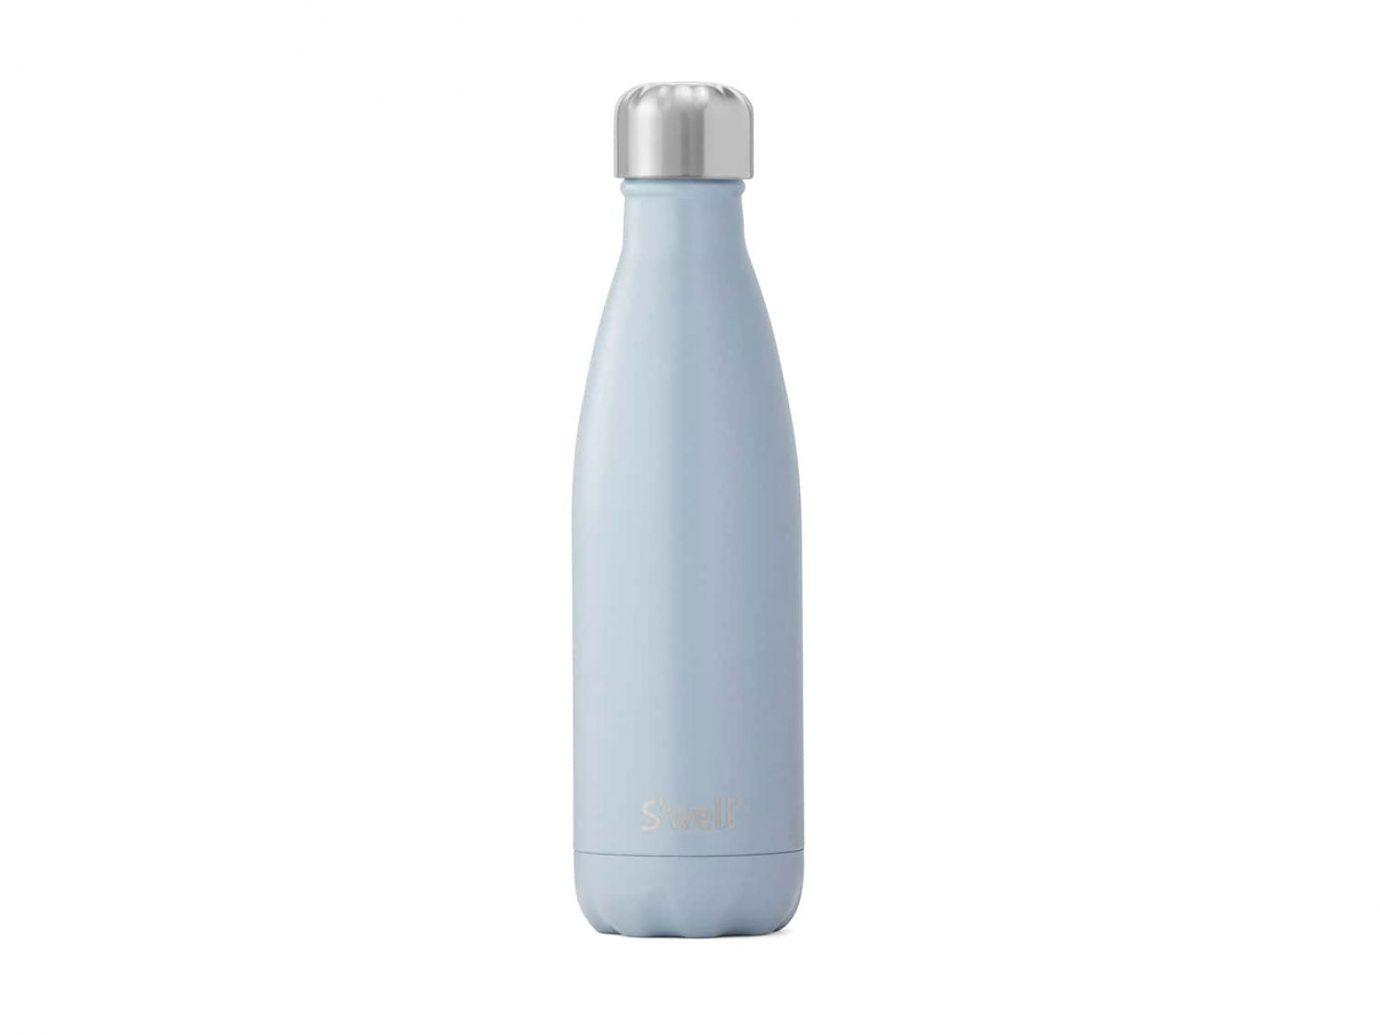 Swell water bottle in shadow